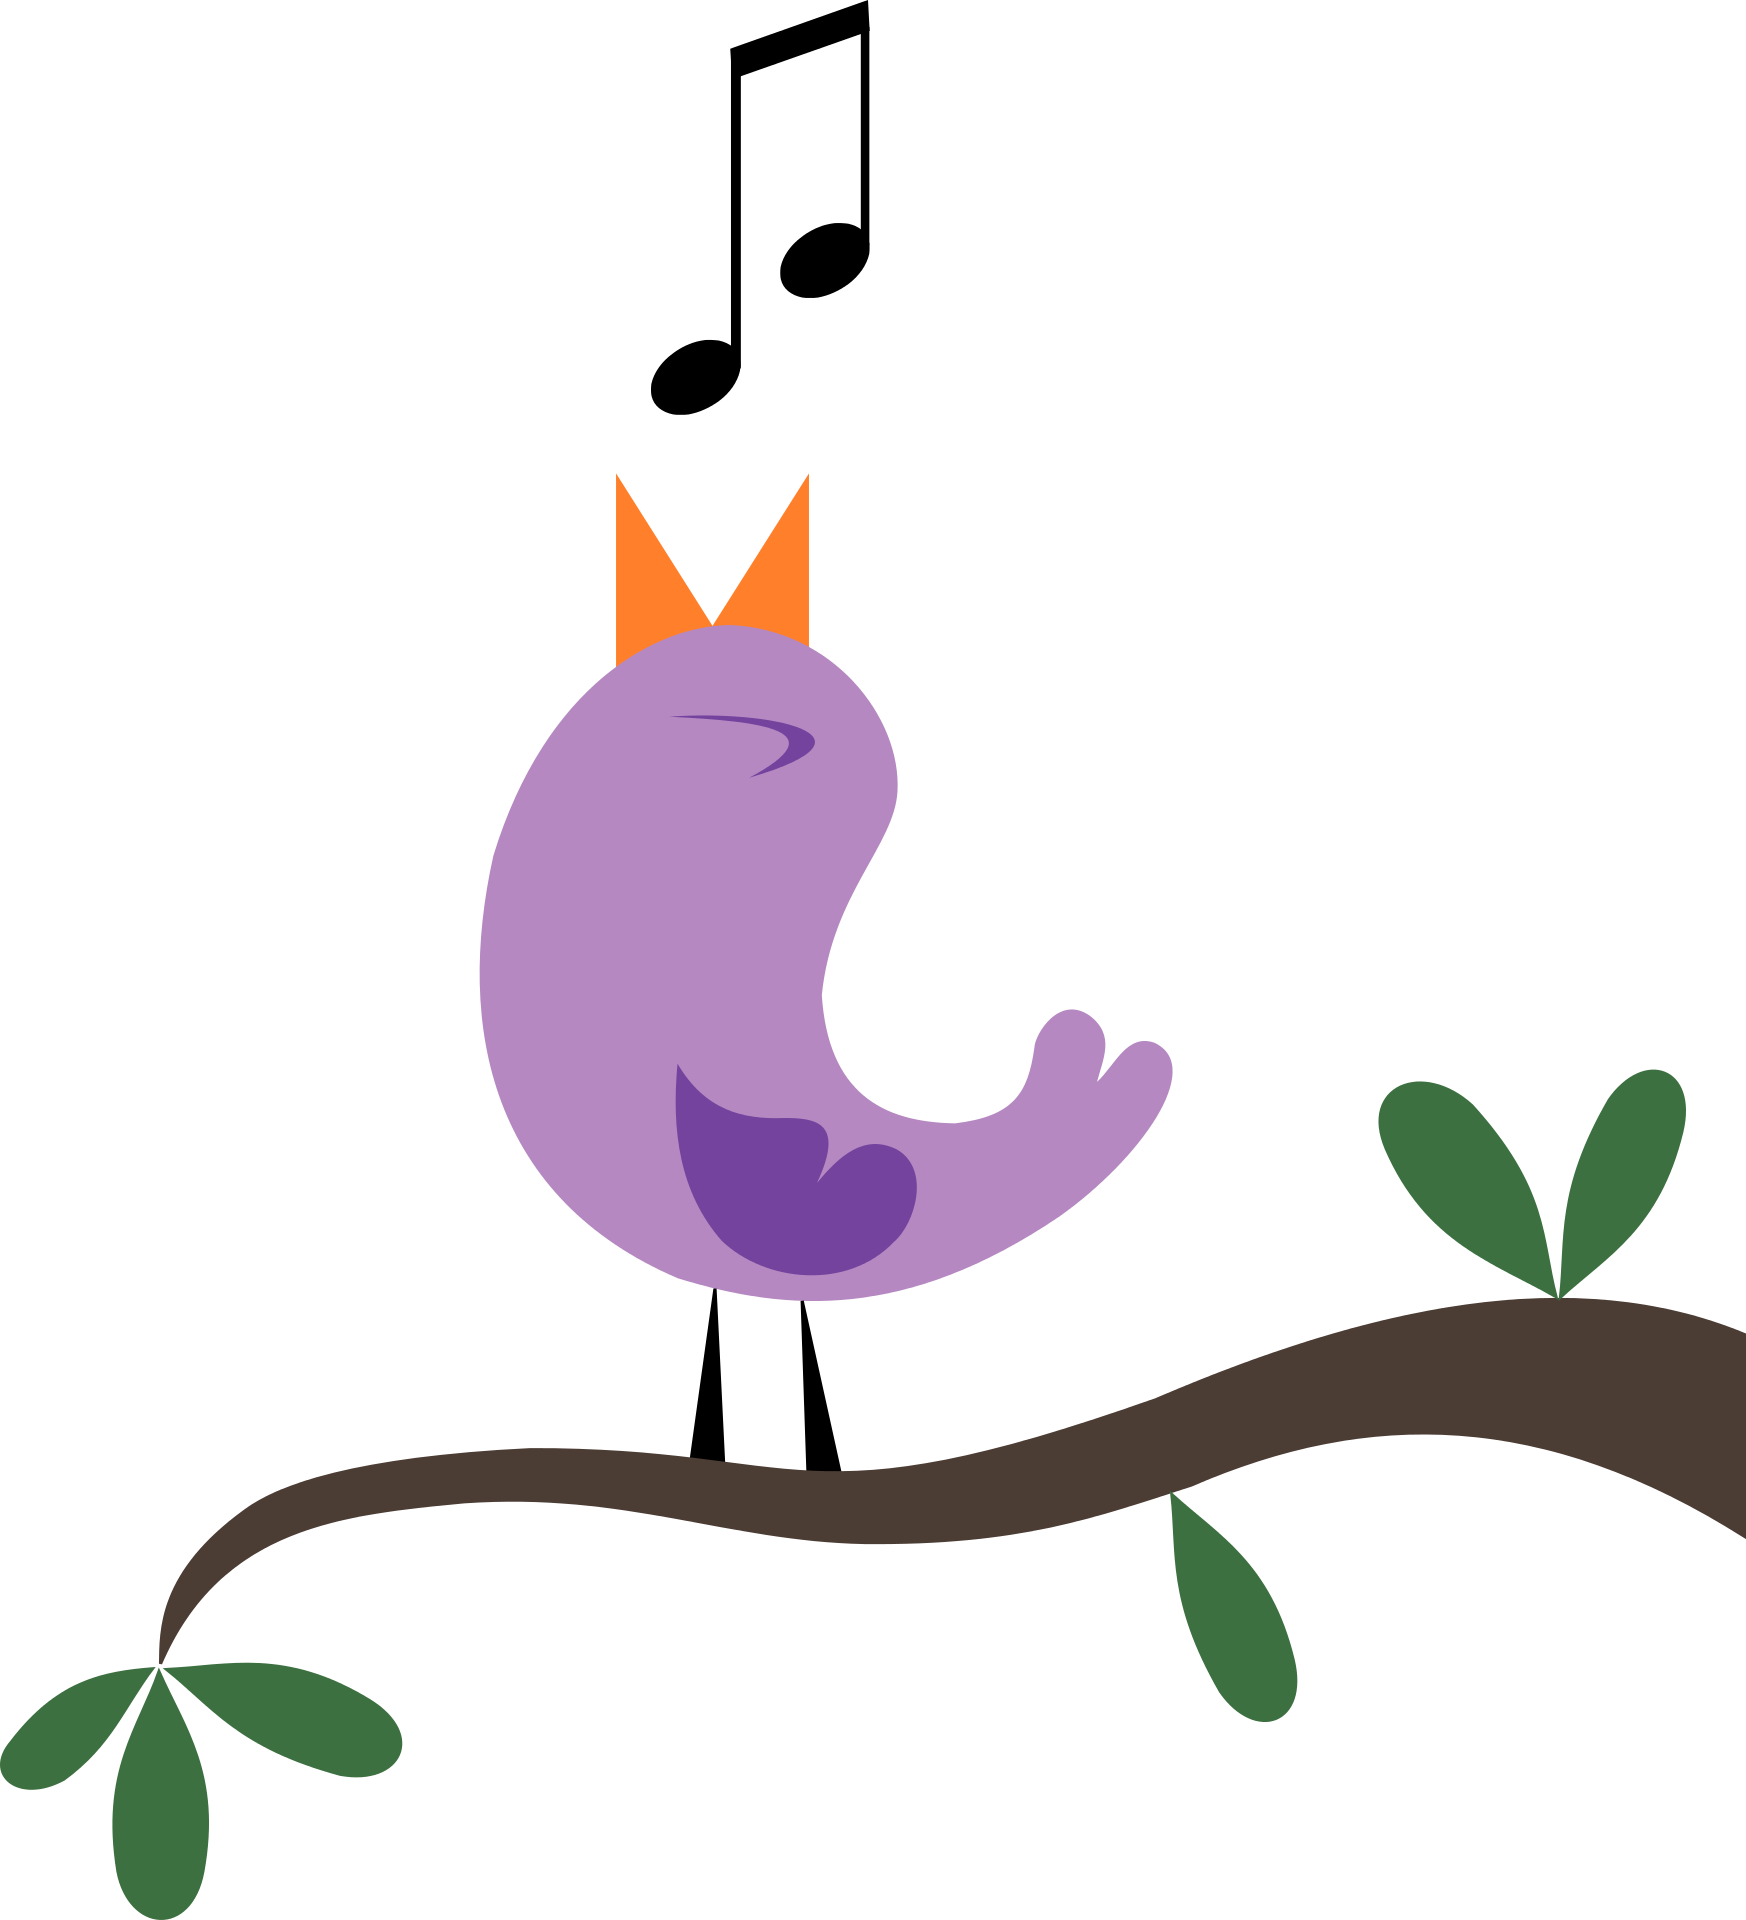 bird-1295782